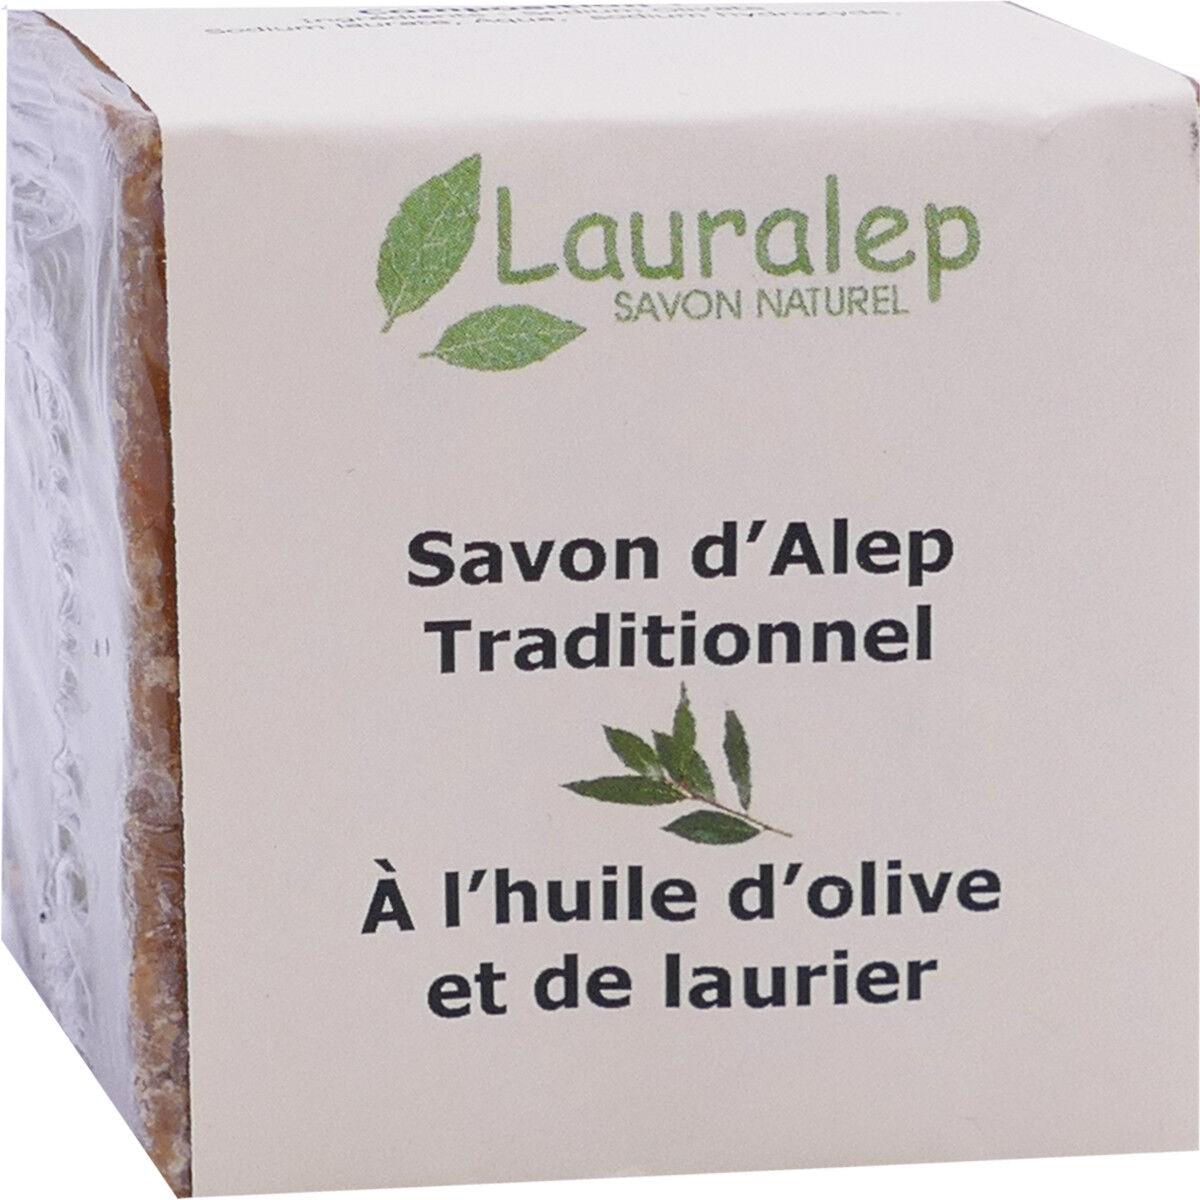 Lauralep savon d'alep traditionnel 200g a l'huile d'olive et de laurier